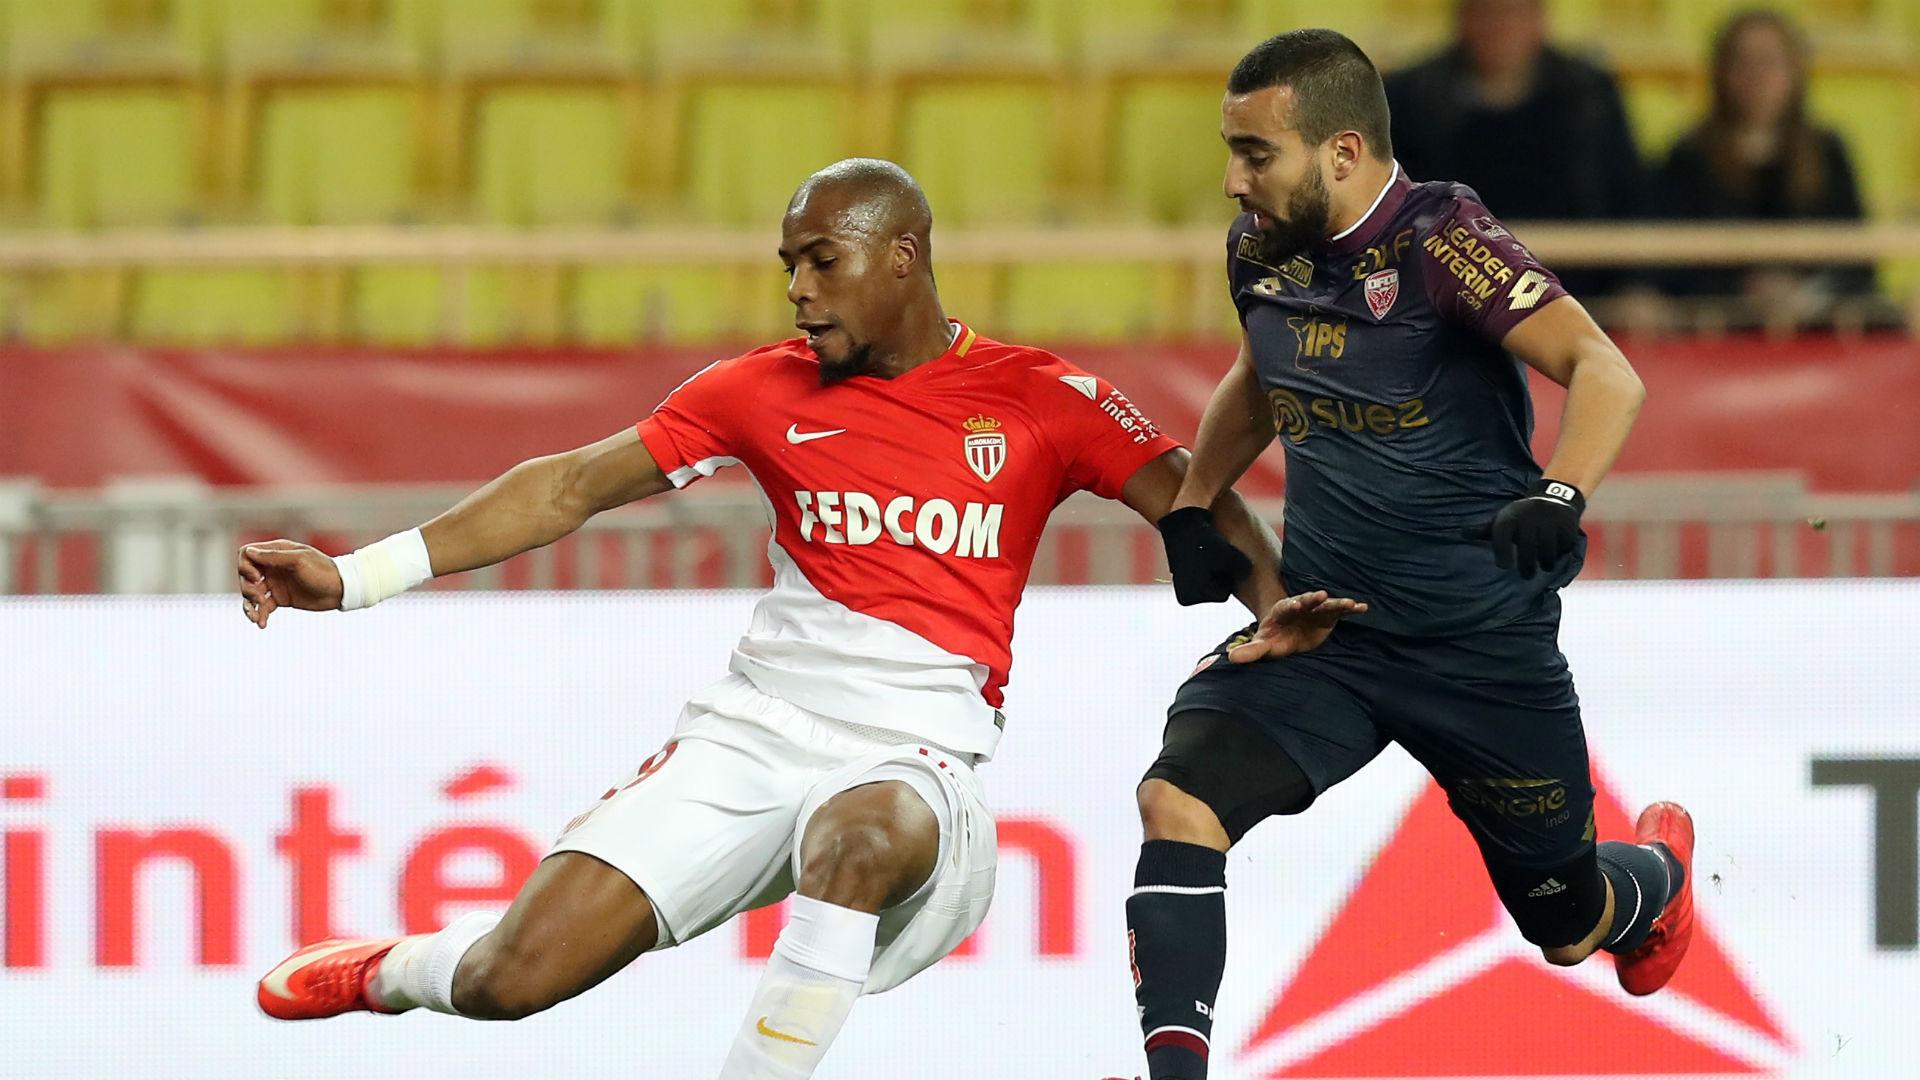 Monaco retrouve son tarif, Dijon touché-coulé à 52